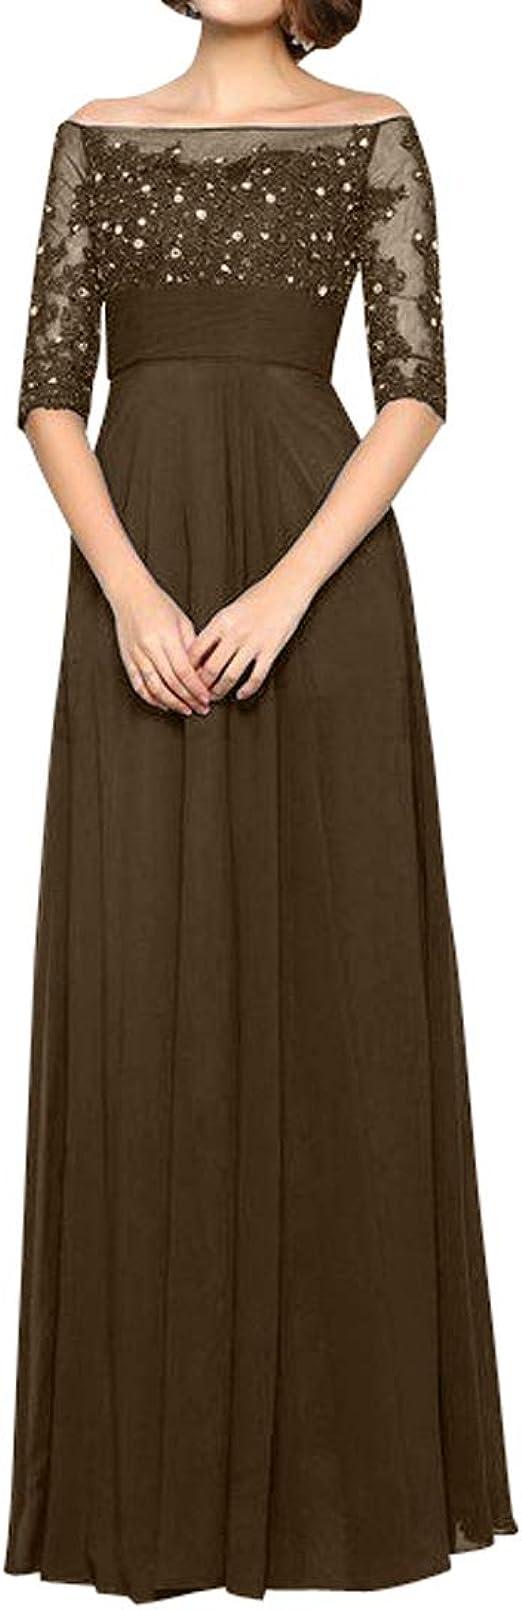 Royaldress Damen hochwertige schulterfrei silberhochzeit Kleider